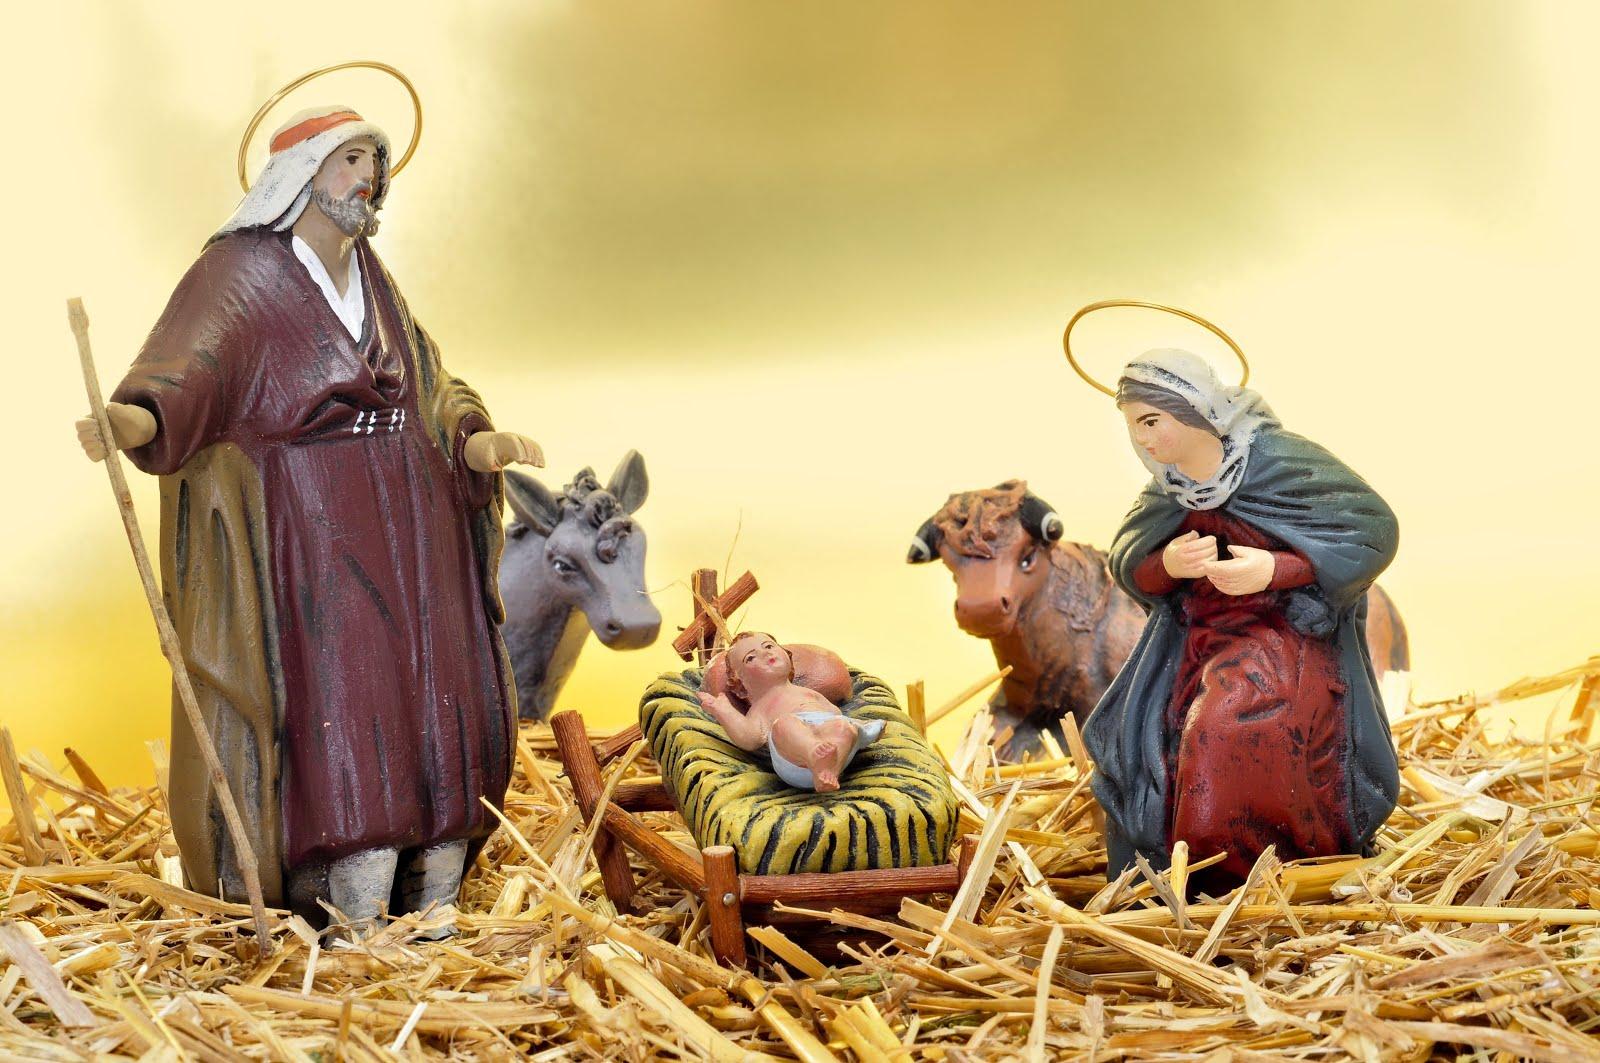 jose_y_maria_celebran_en_nacimiento_del_ni_o_Dios_en_un_pesebre_durante_Navidad